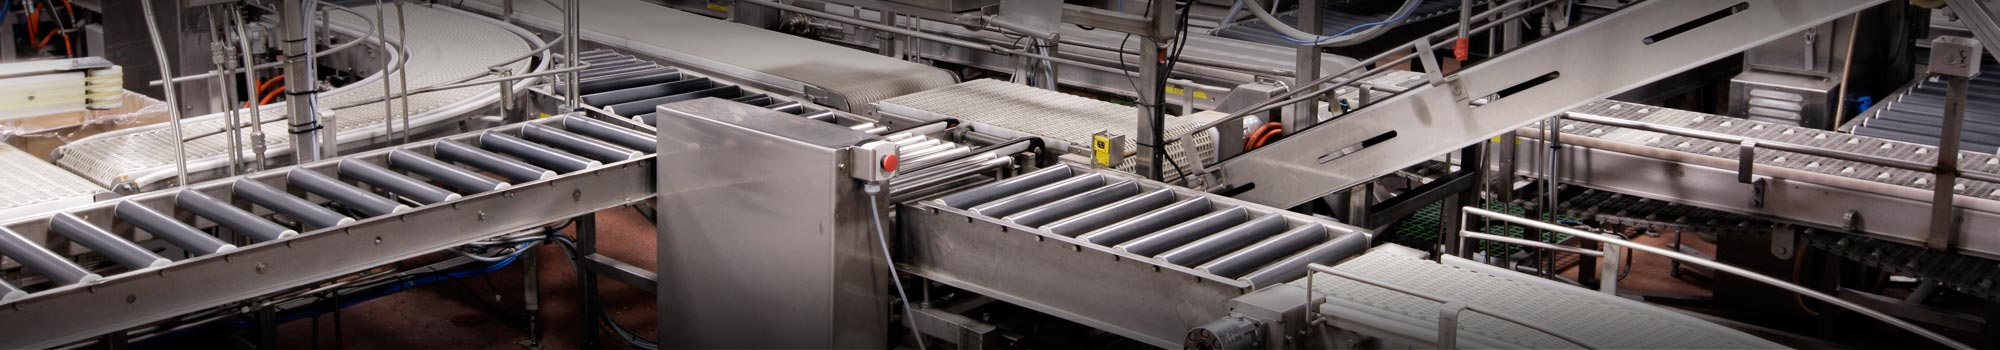 Solutions sur mesure en équipement automatisé